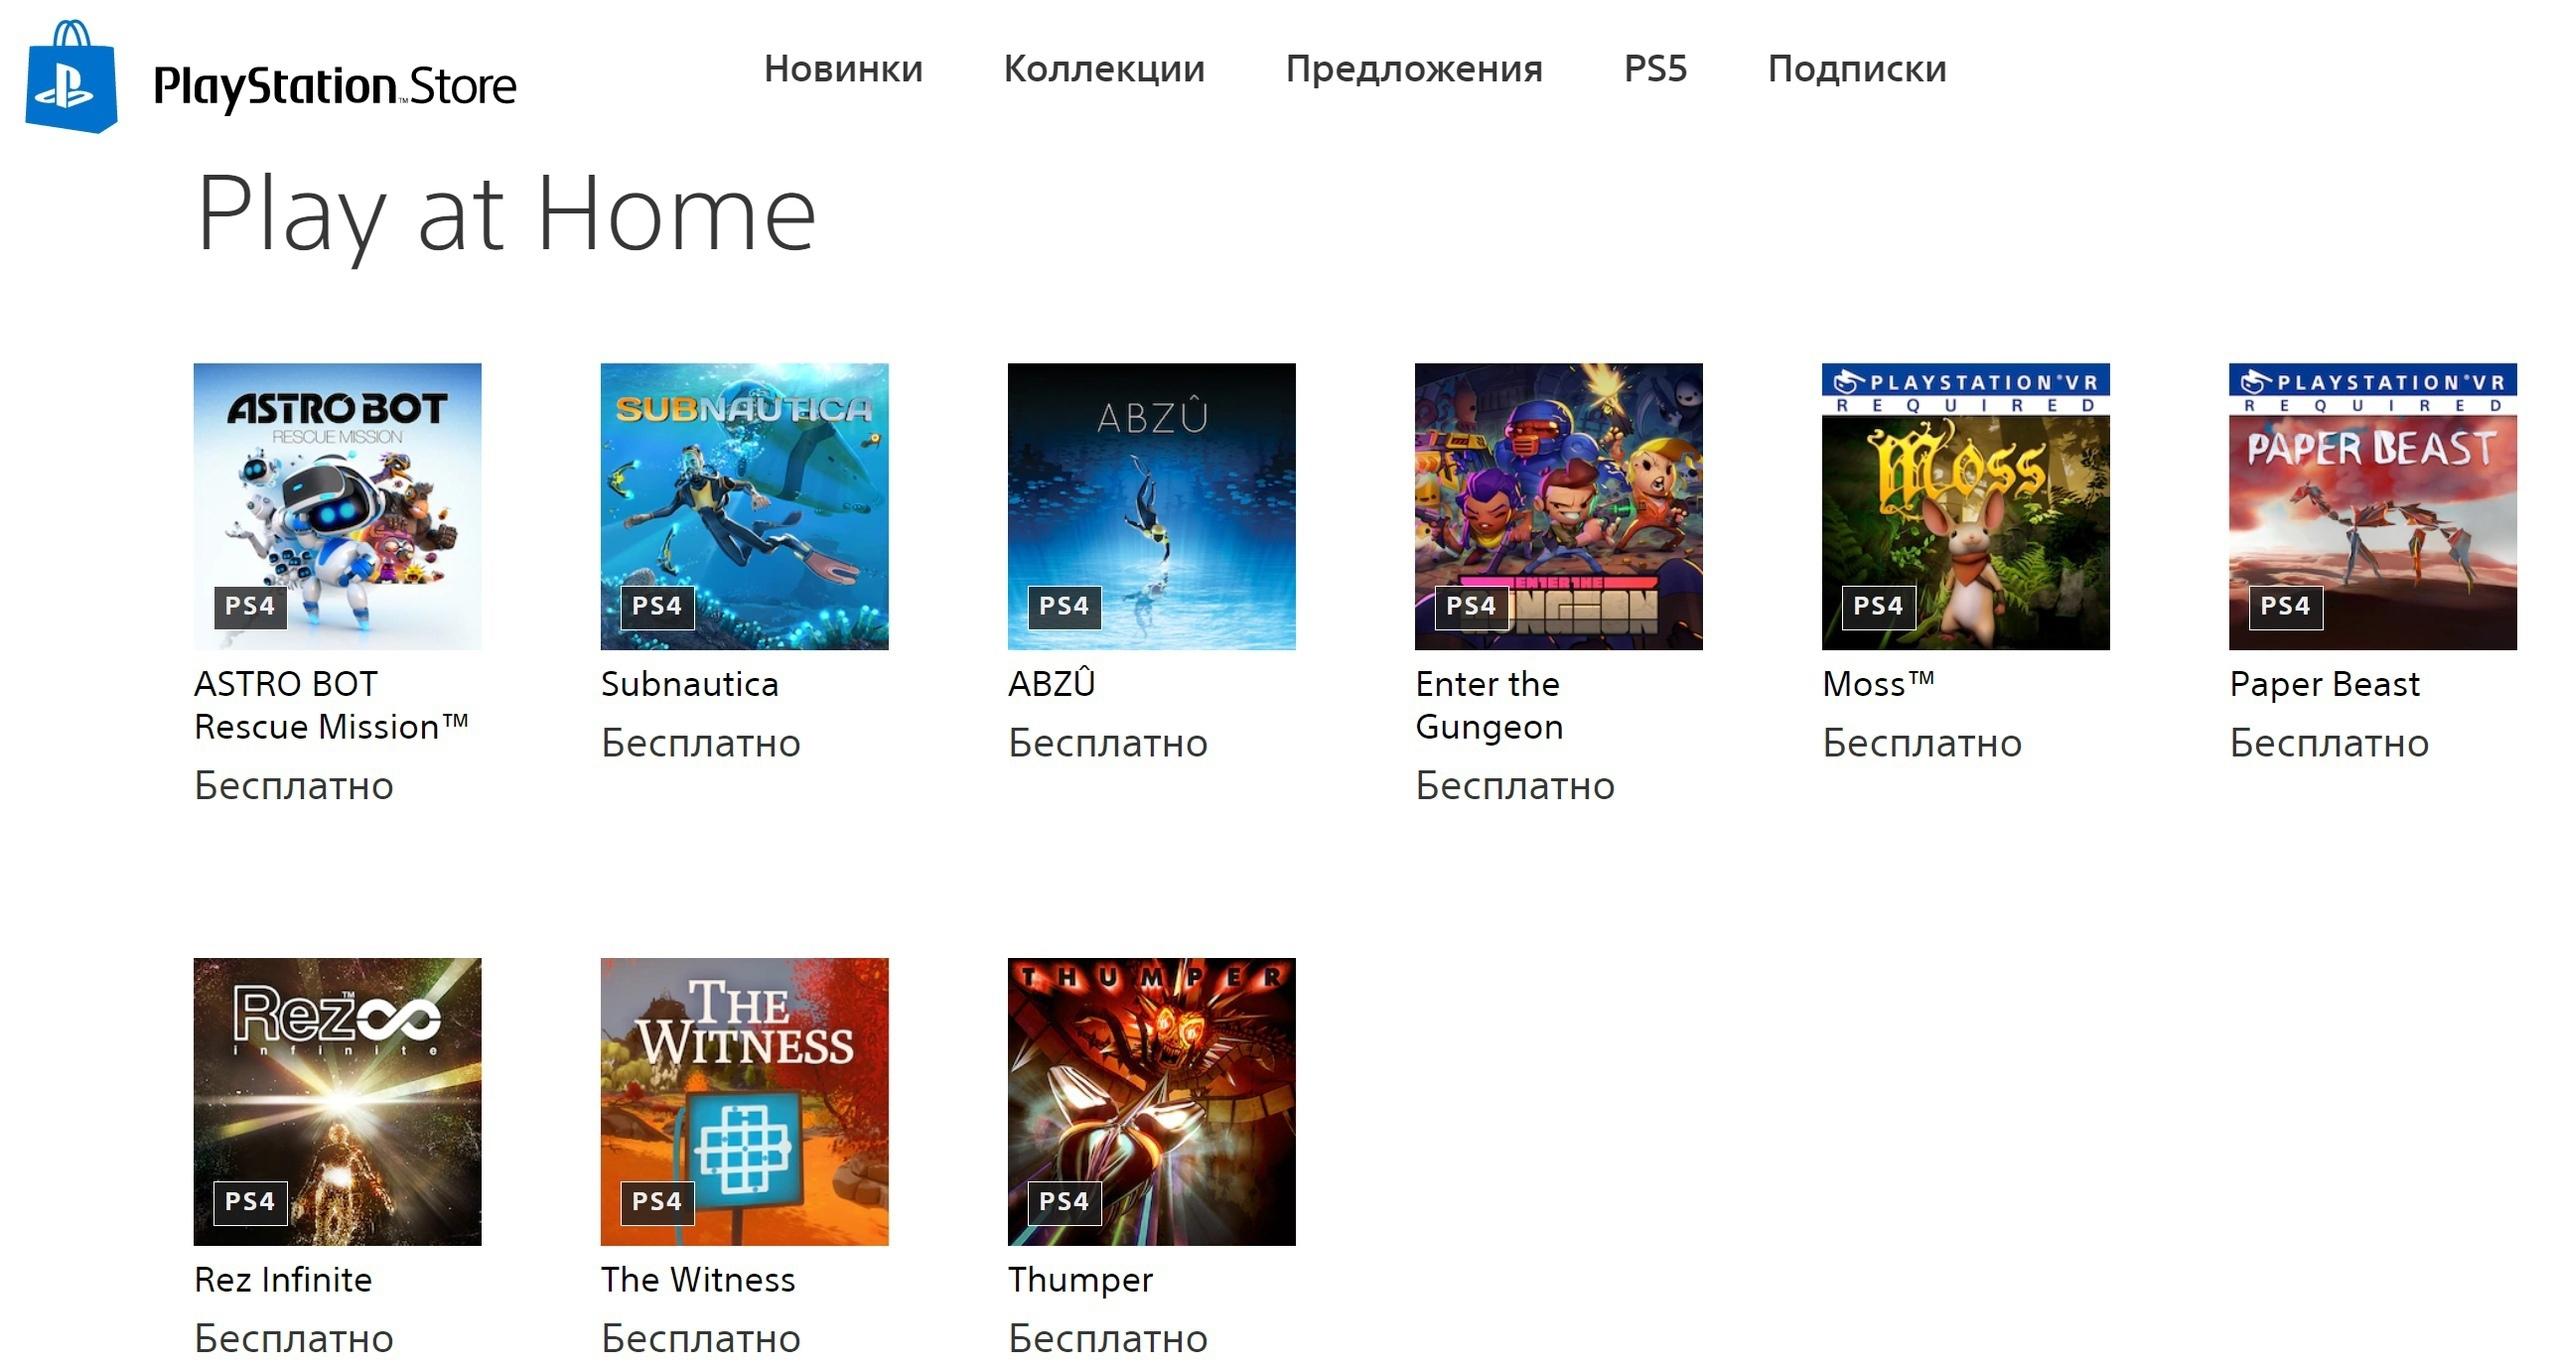 Сегодня последний день, когда можно добавить в подписку 9 игр по инициативе Play At Home